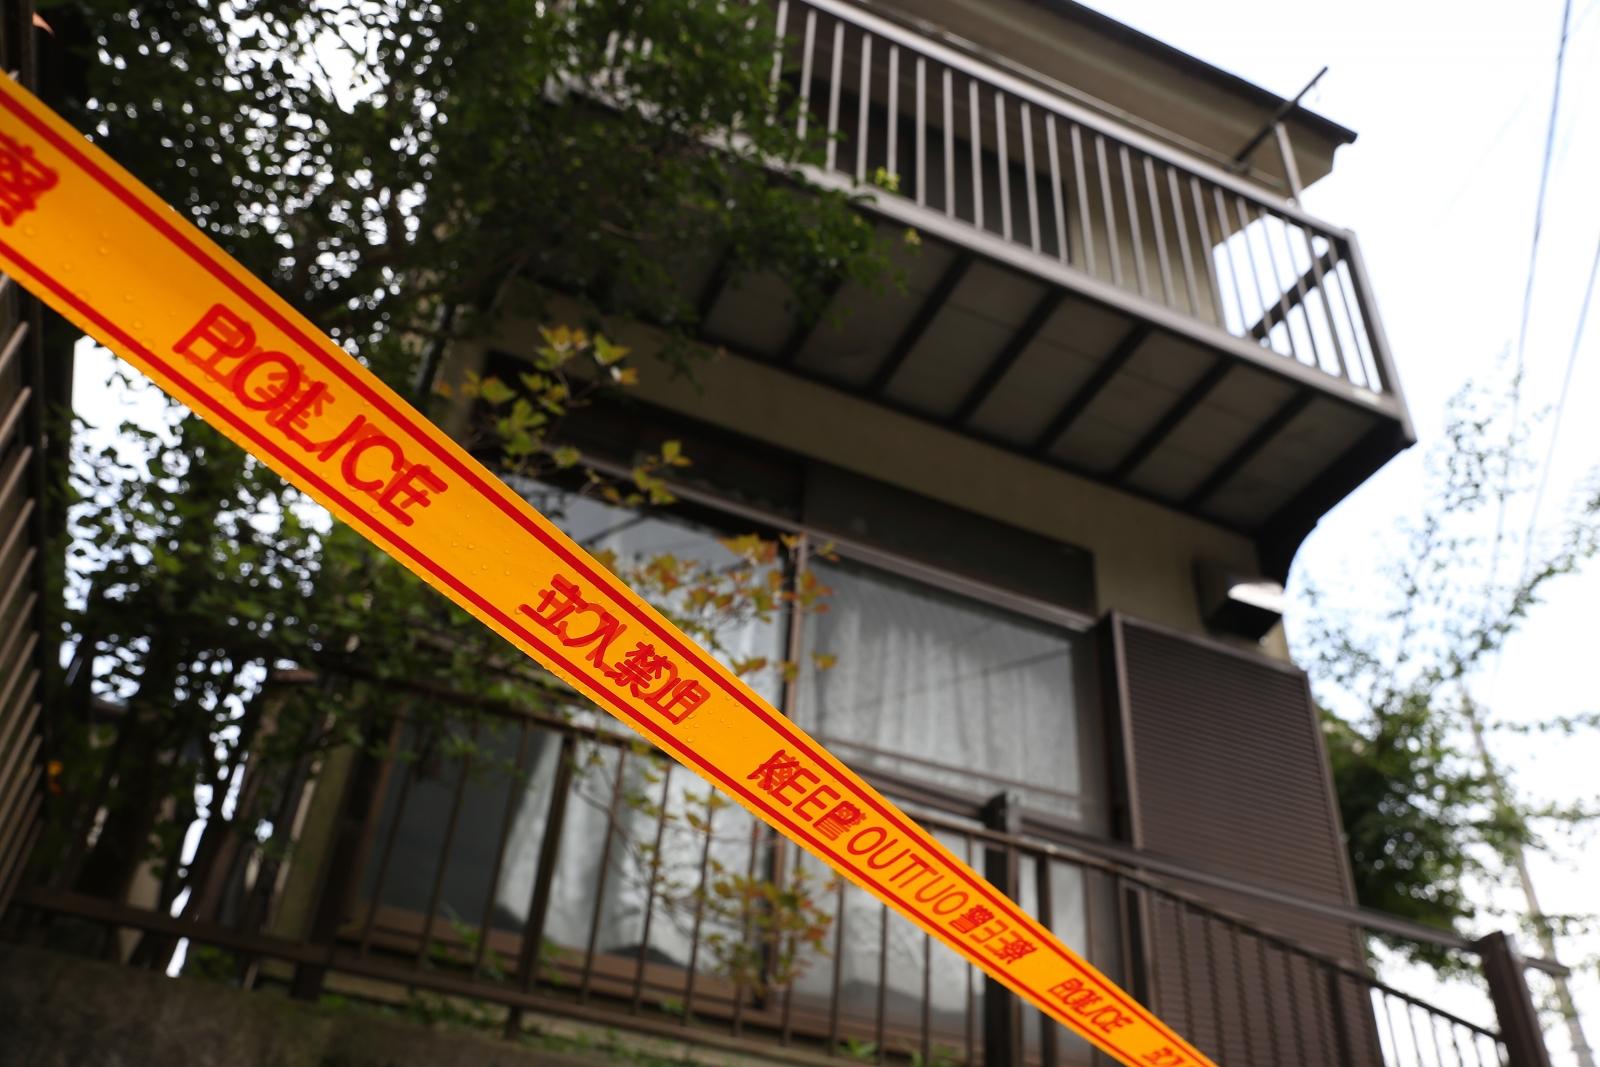 Satoshi Uematsu house